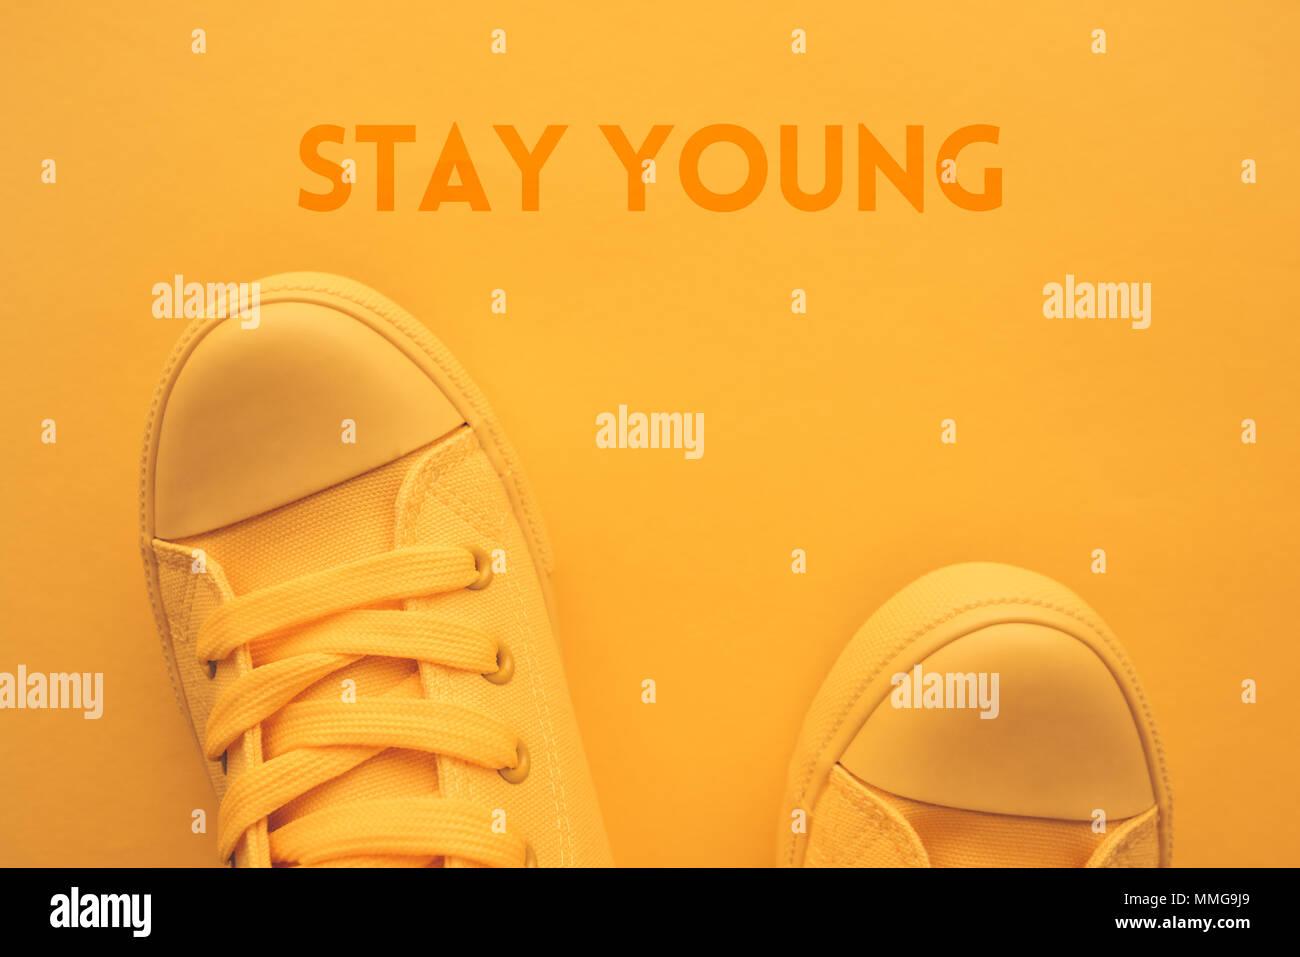 Rester jeune concept avec vue de dessus des pieds de l'adolescent dans l'élégant quartier de sneakers jaune Photo Stock